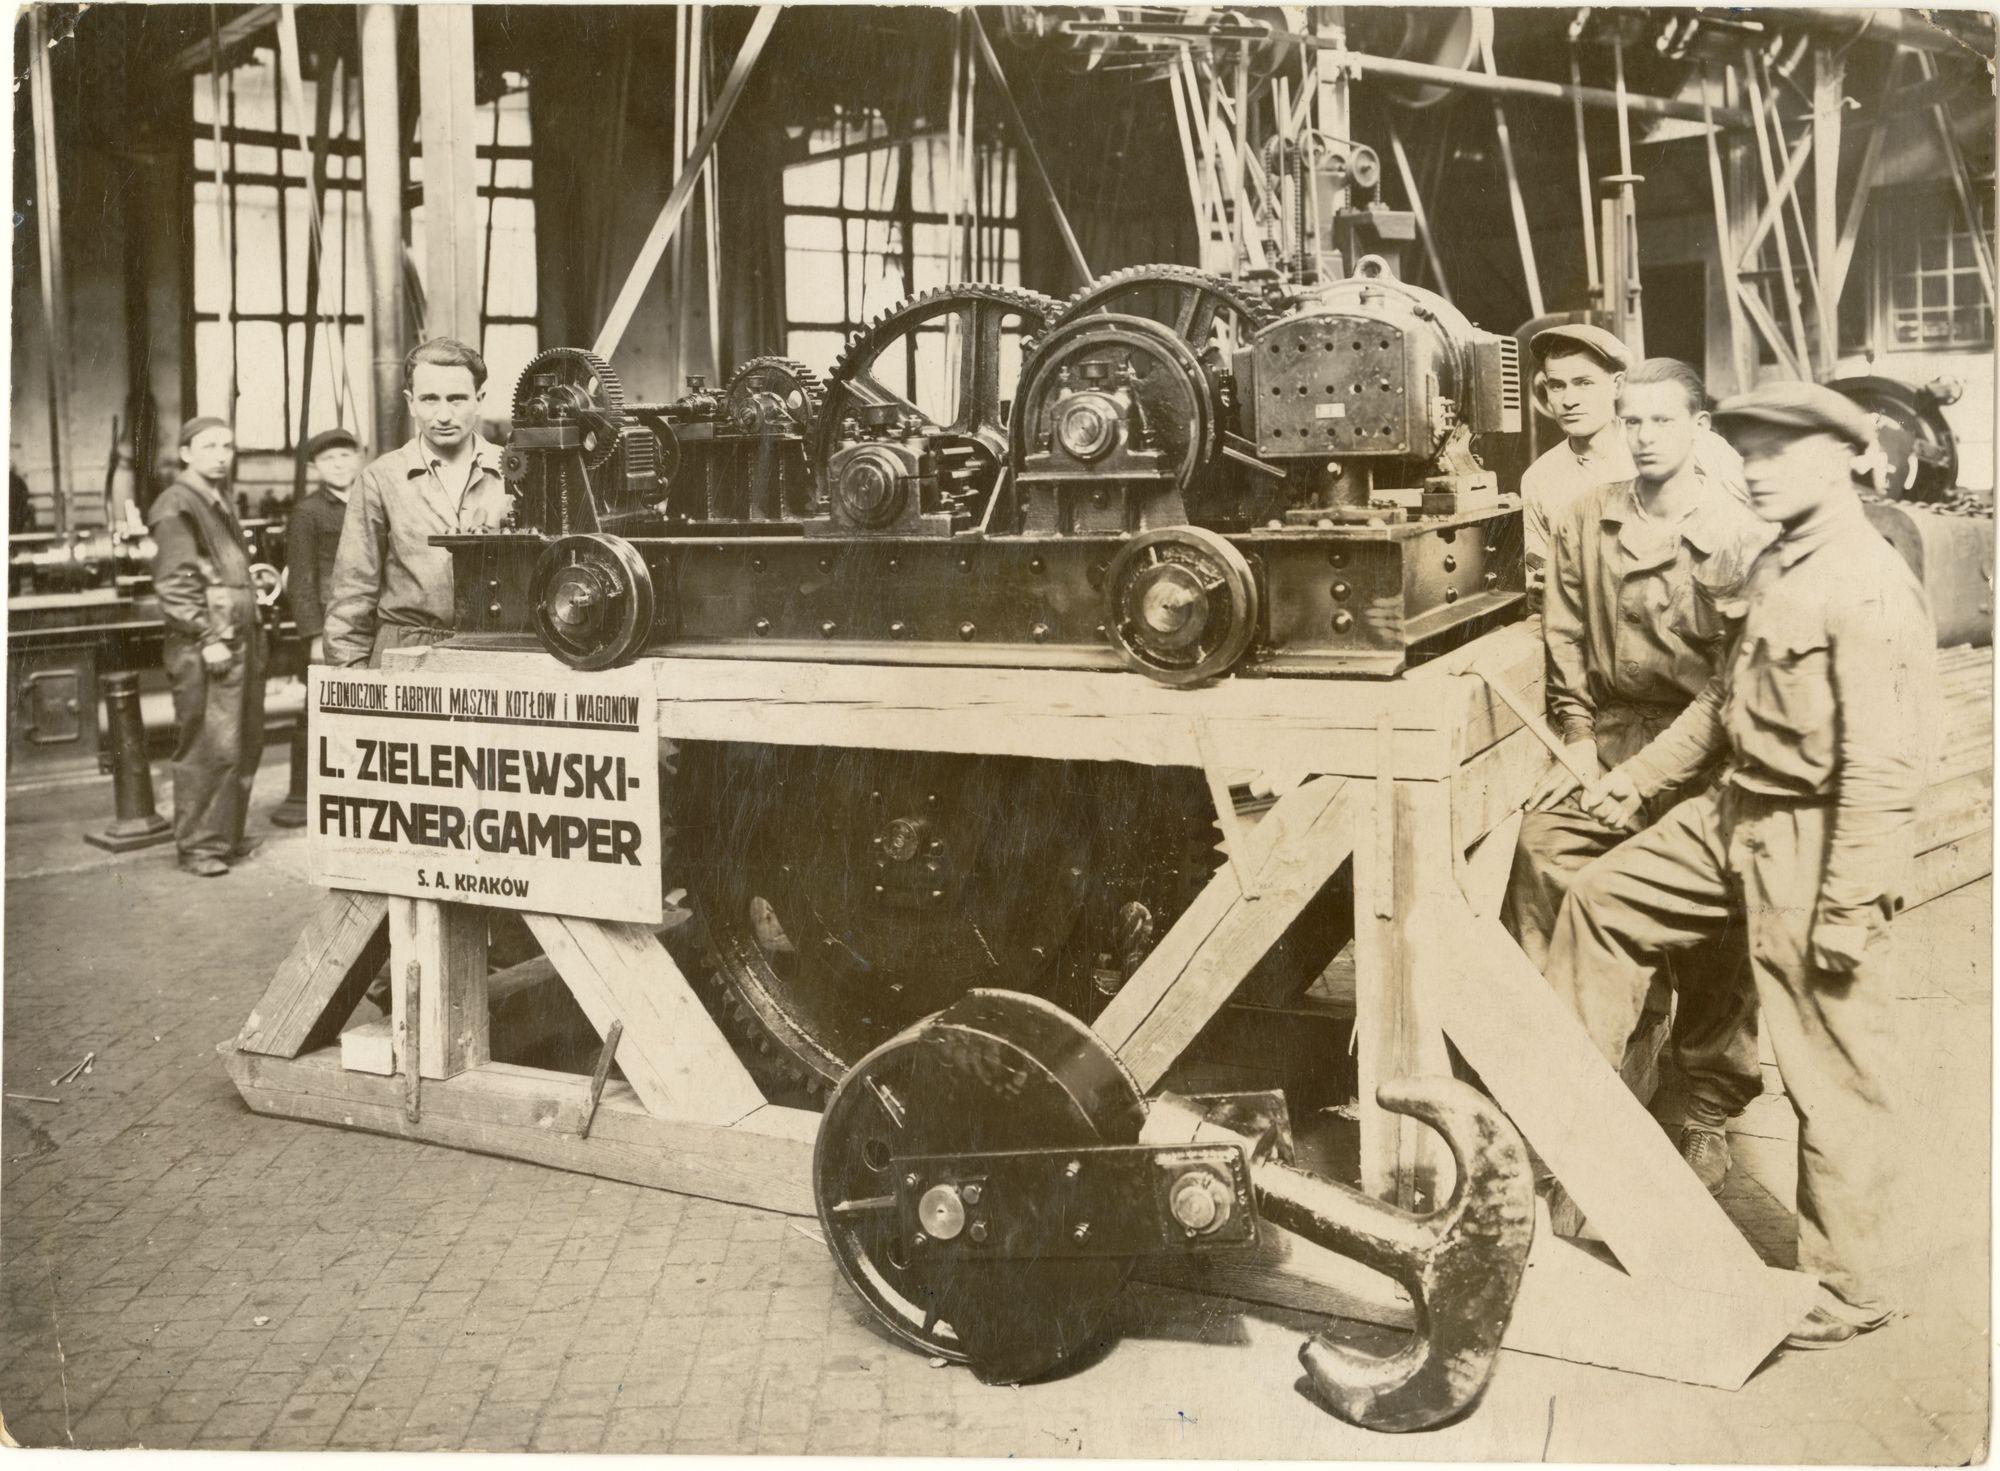 zjednoczone-fabryki-maszyn-kotlow-i-wagonow-l-zieleniewski-fitzner-gamper-w-krakowie-hala-slusarni-autor-fot-nieznany-lata-30-te-xx-w